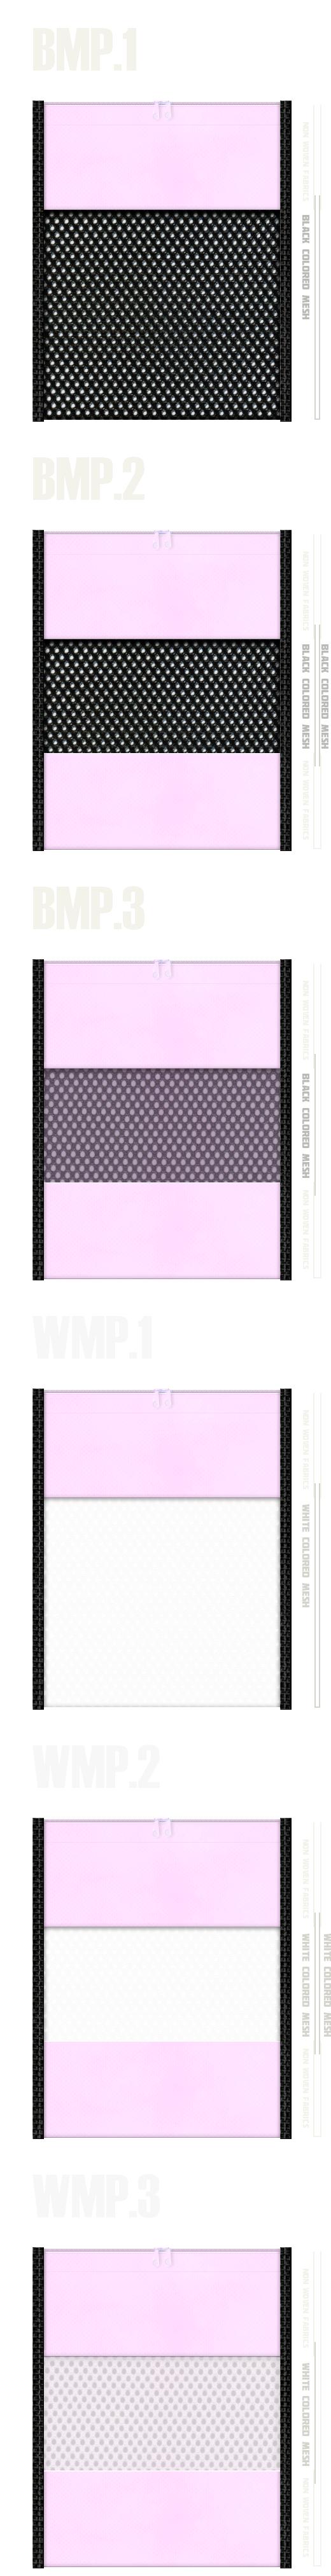 メッシュポーチのカラーシミュレーション:黒色・白色メッシュとパステルピンク色不織布の組み合わせ